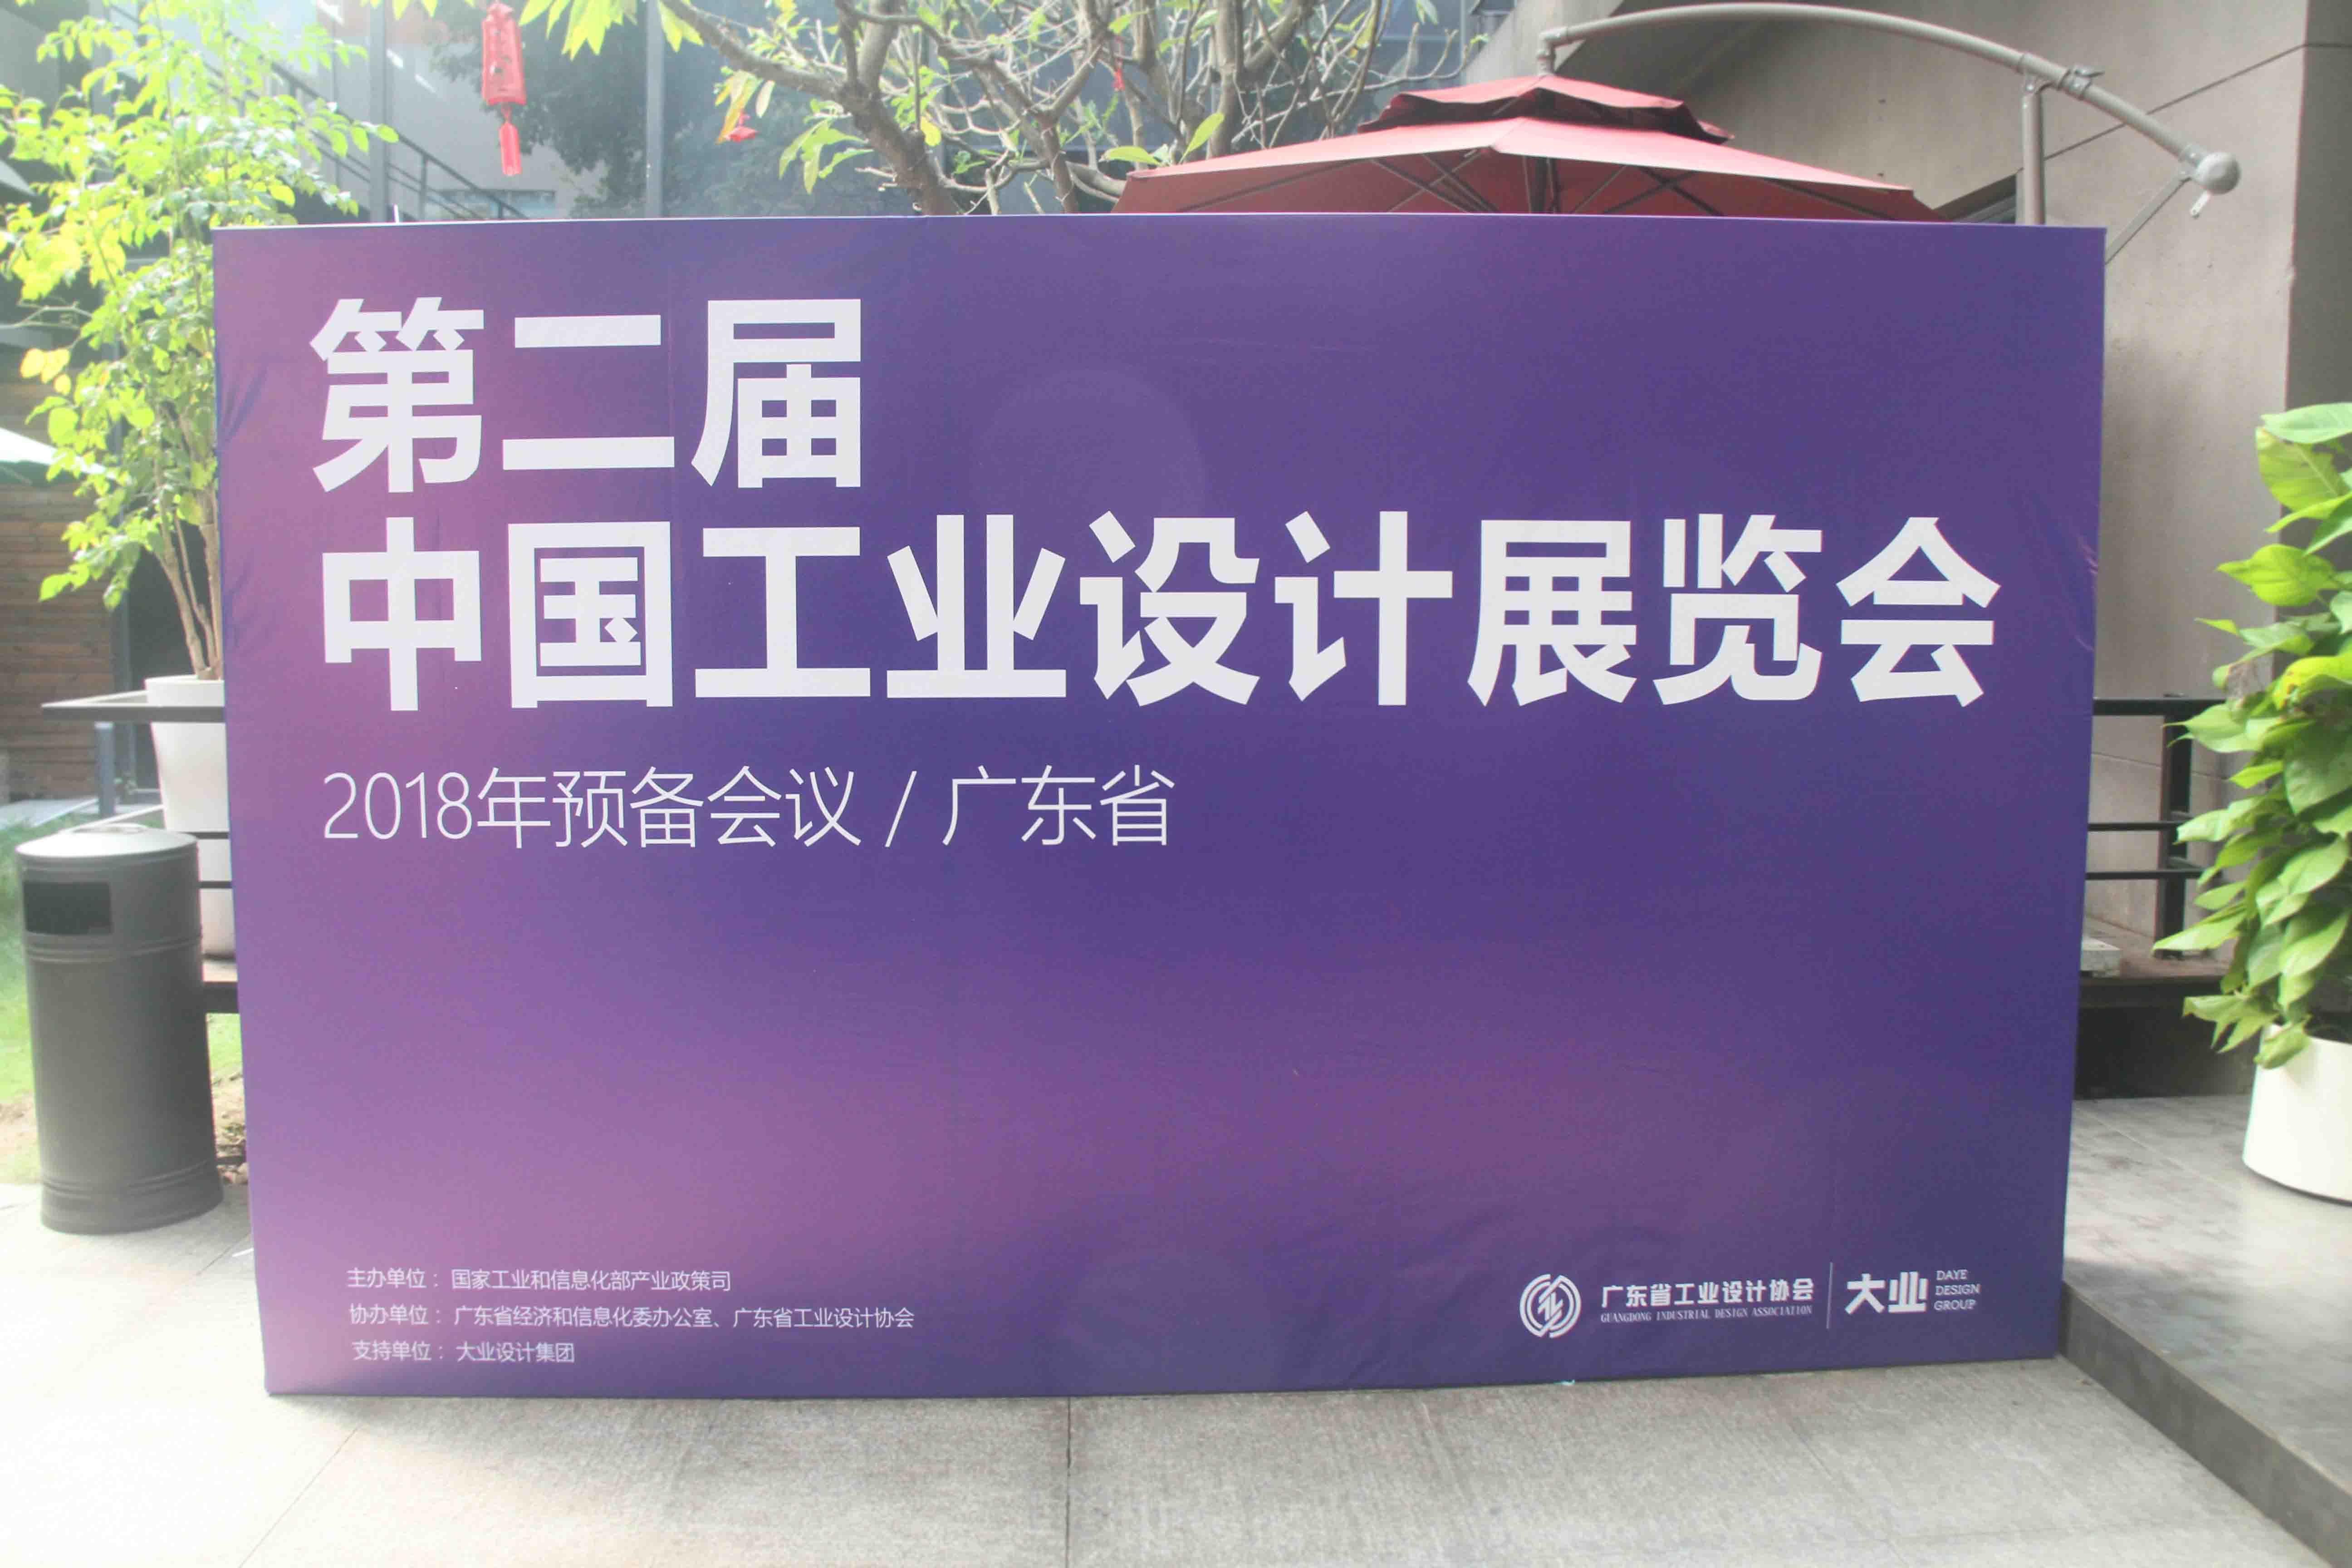 2018第二届中国工业设计展广东省筹备会于今日举行!